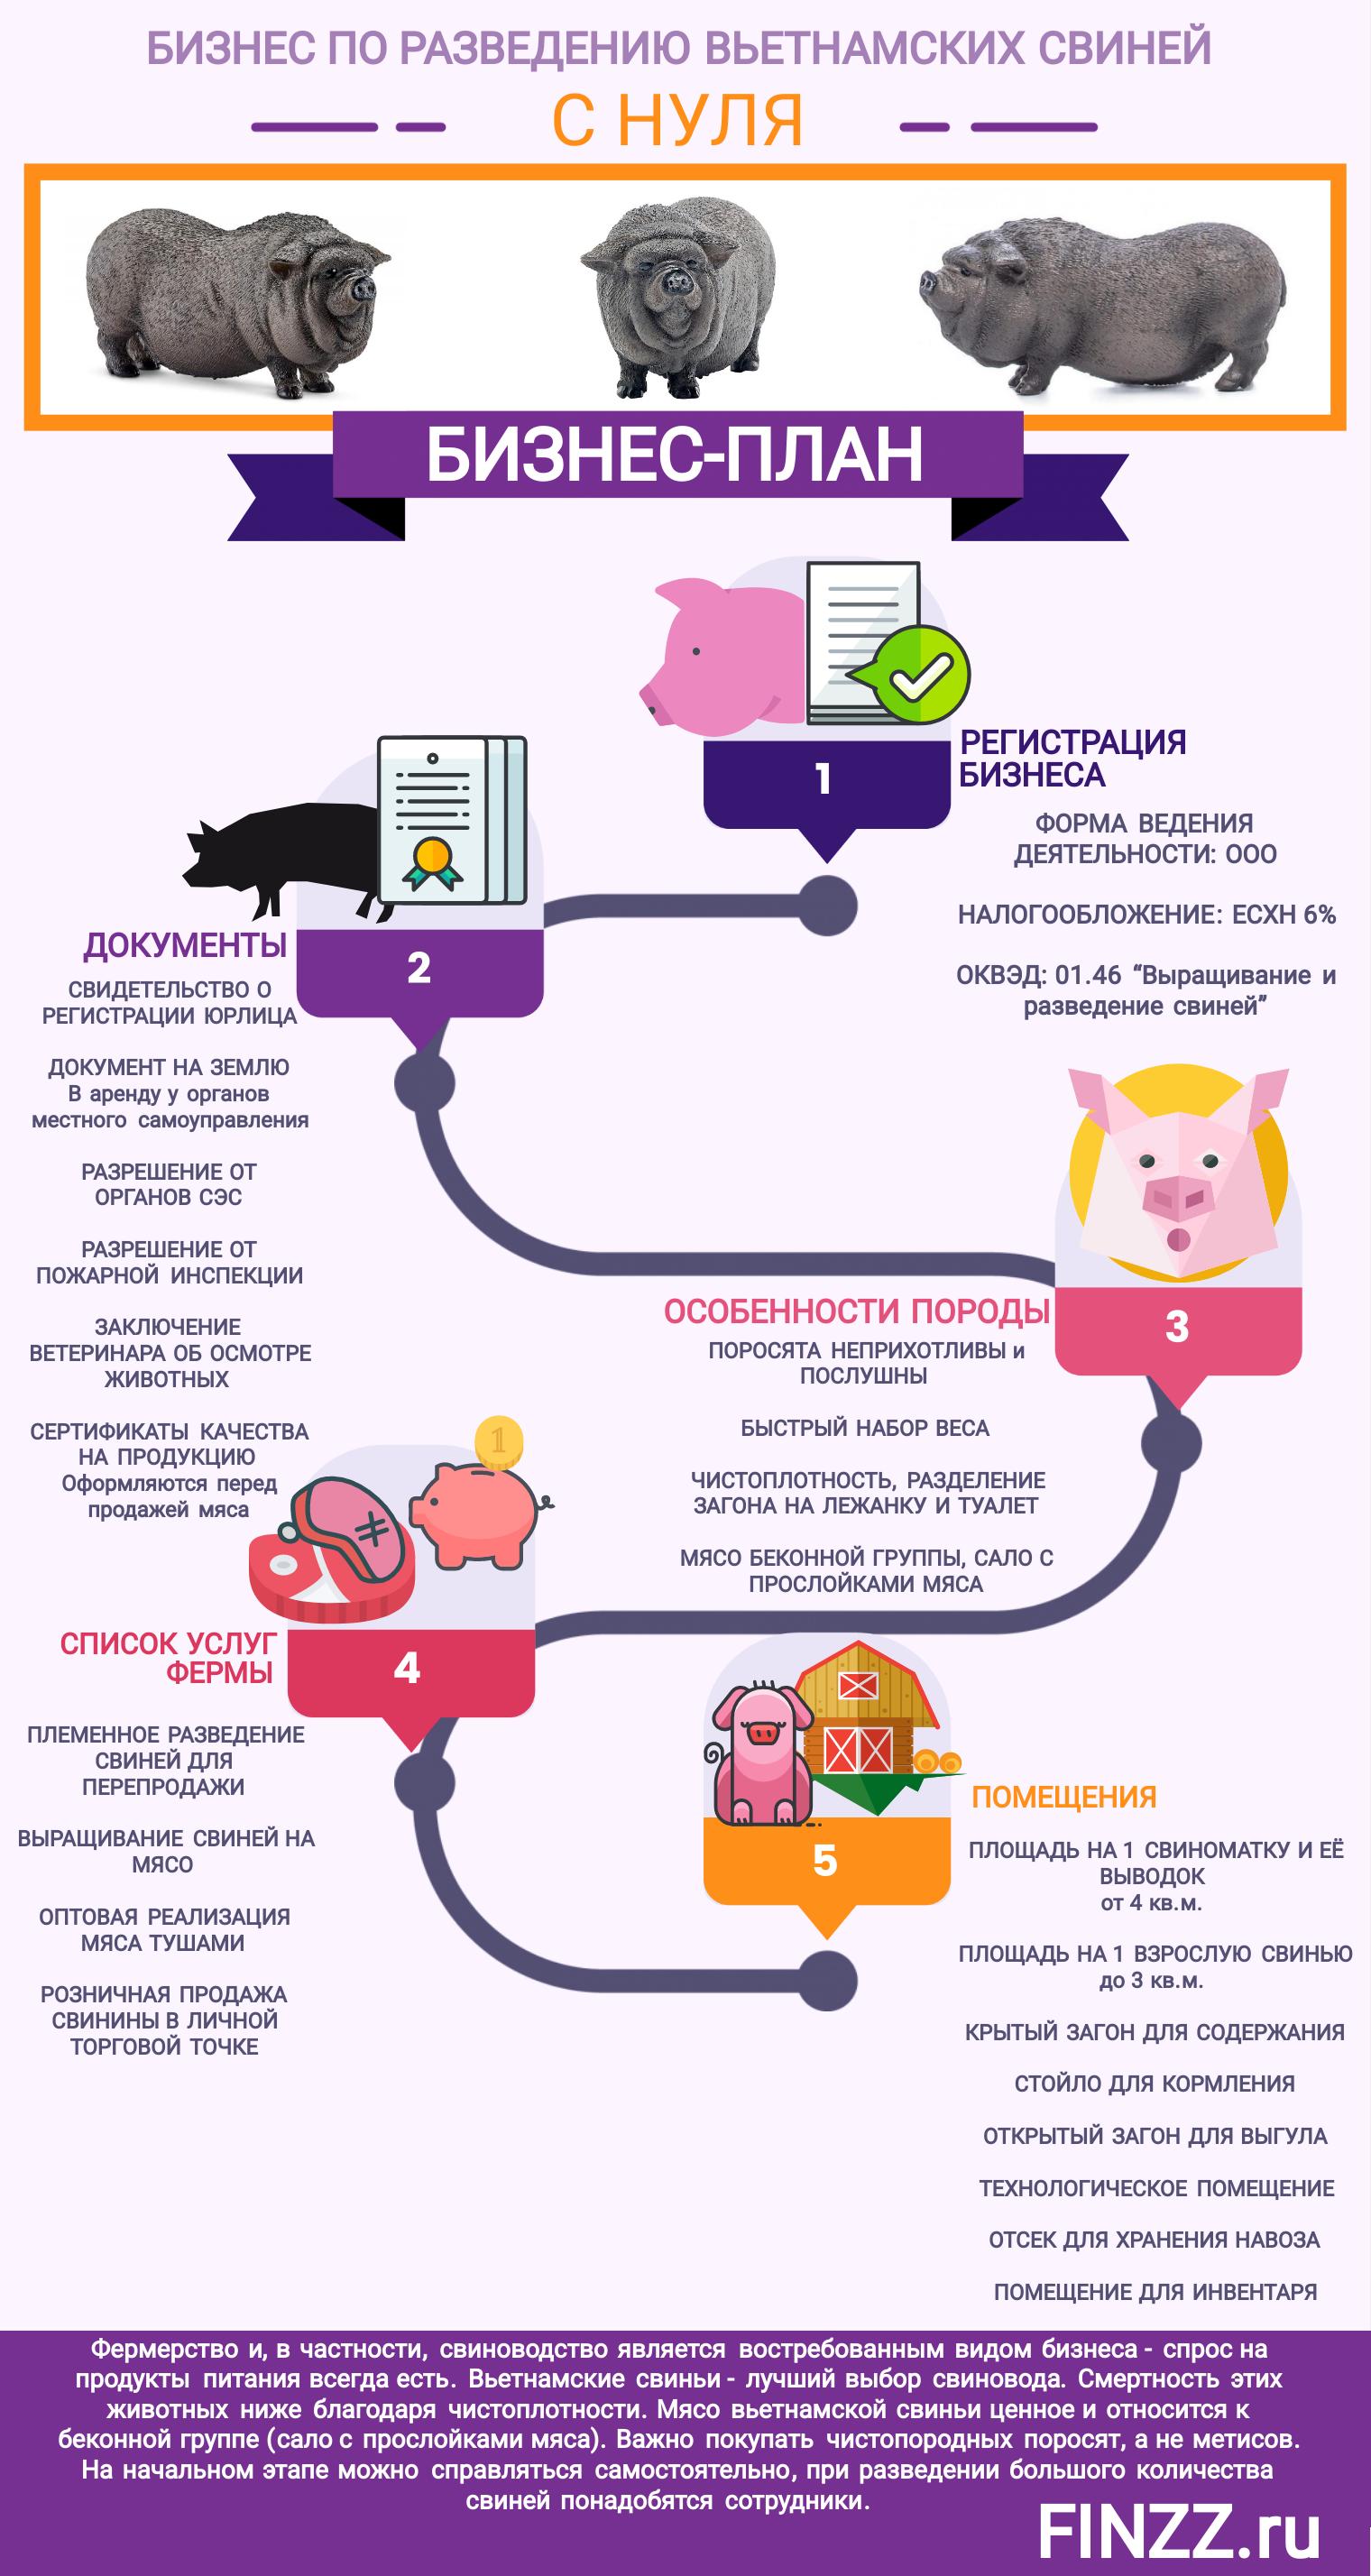 ᐉ свиноводство как бизнес: с чего начать, бизнес-план, рентабельность - zooon.ru